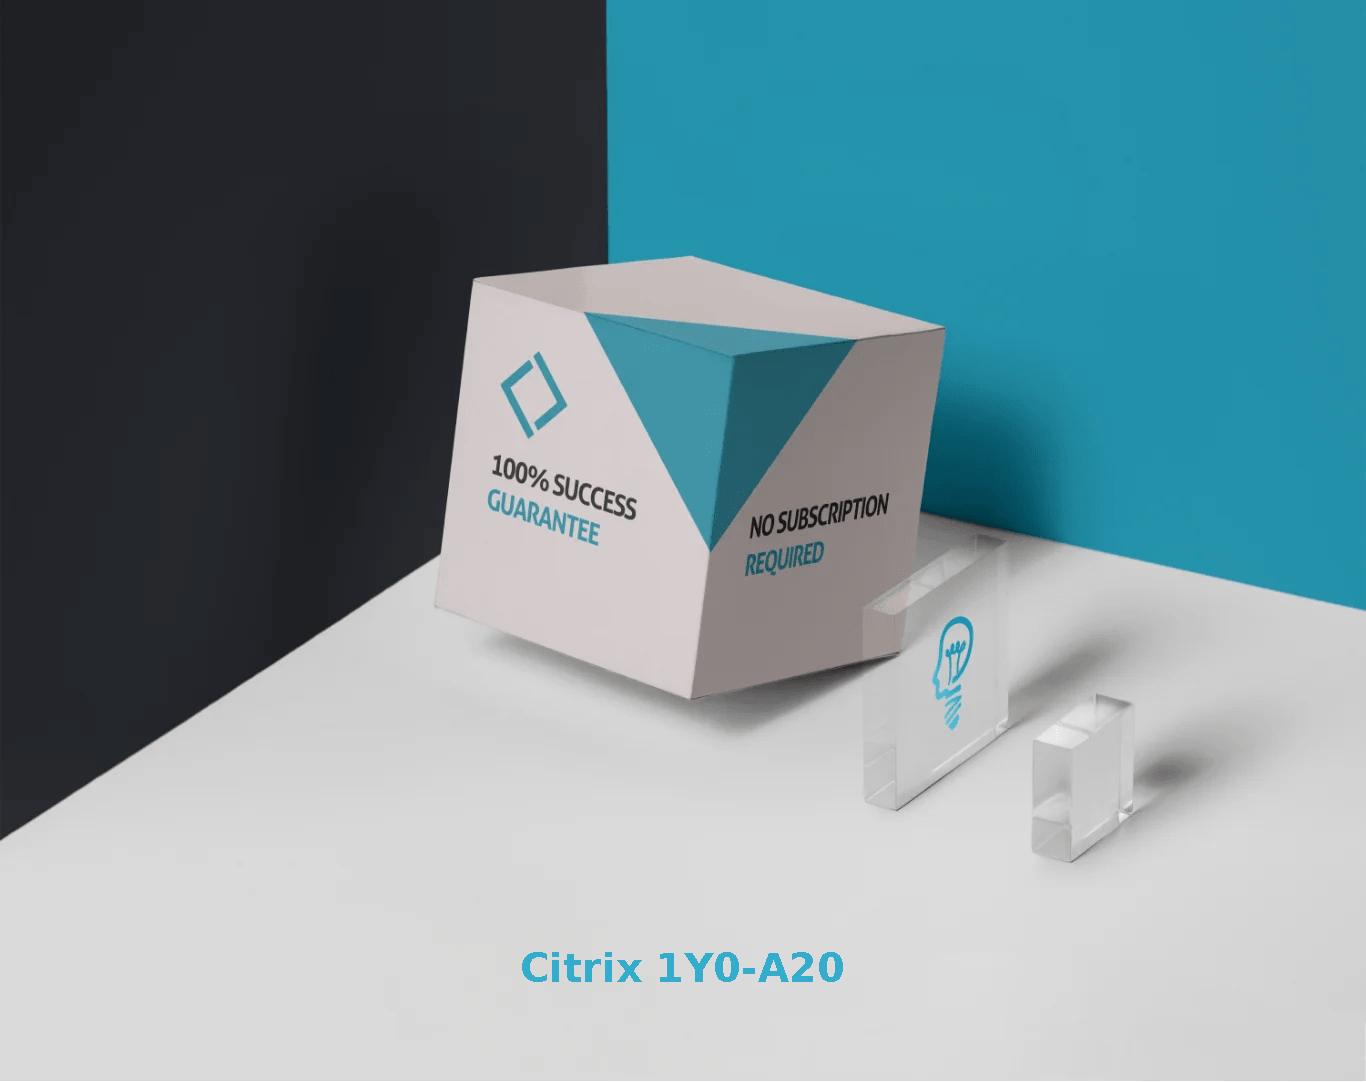 Citrix 1Y0-A20 Exams